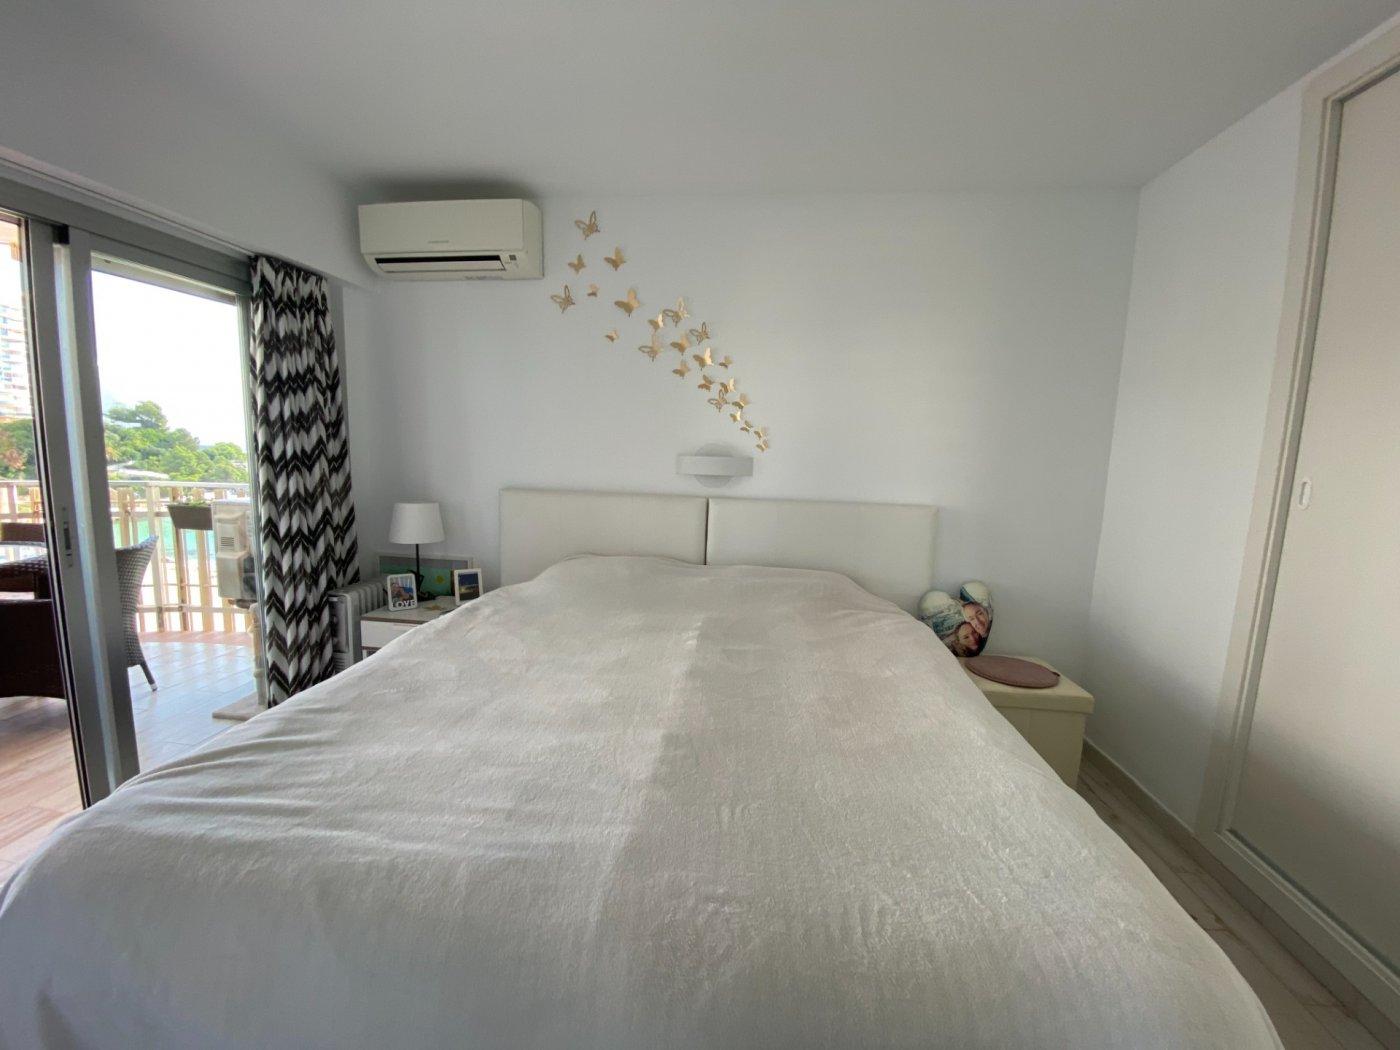 Alquiler con opcion de compra!espectacular apartamento con vistas al mar y parking propio - imagenInmueble18